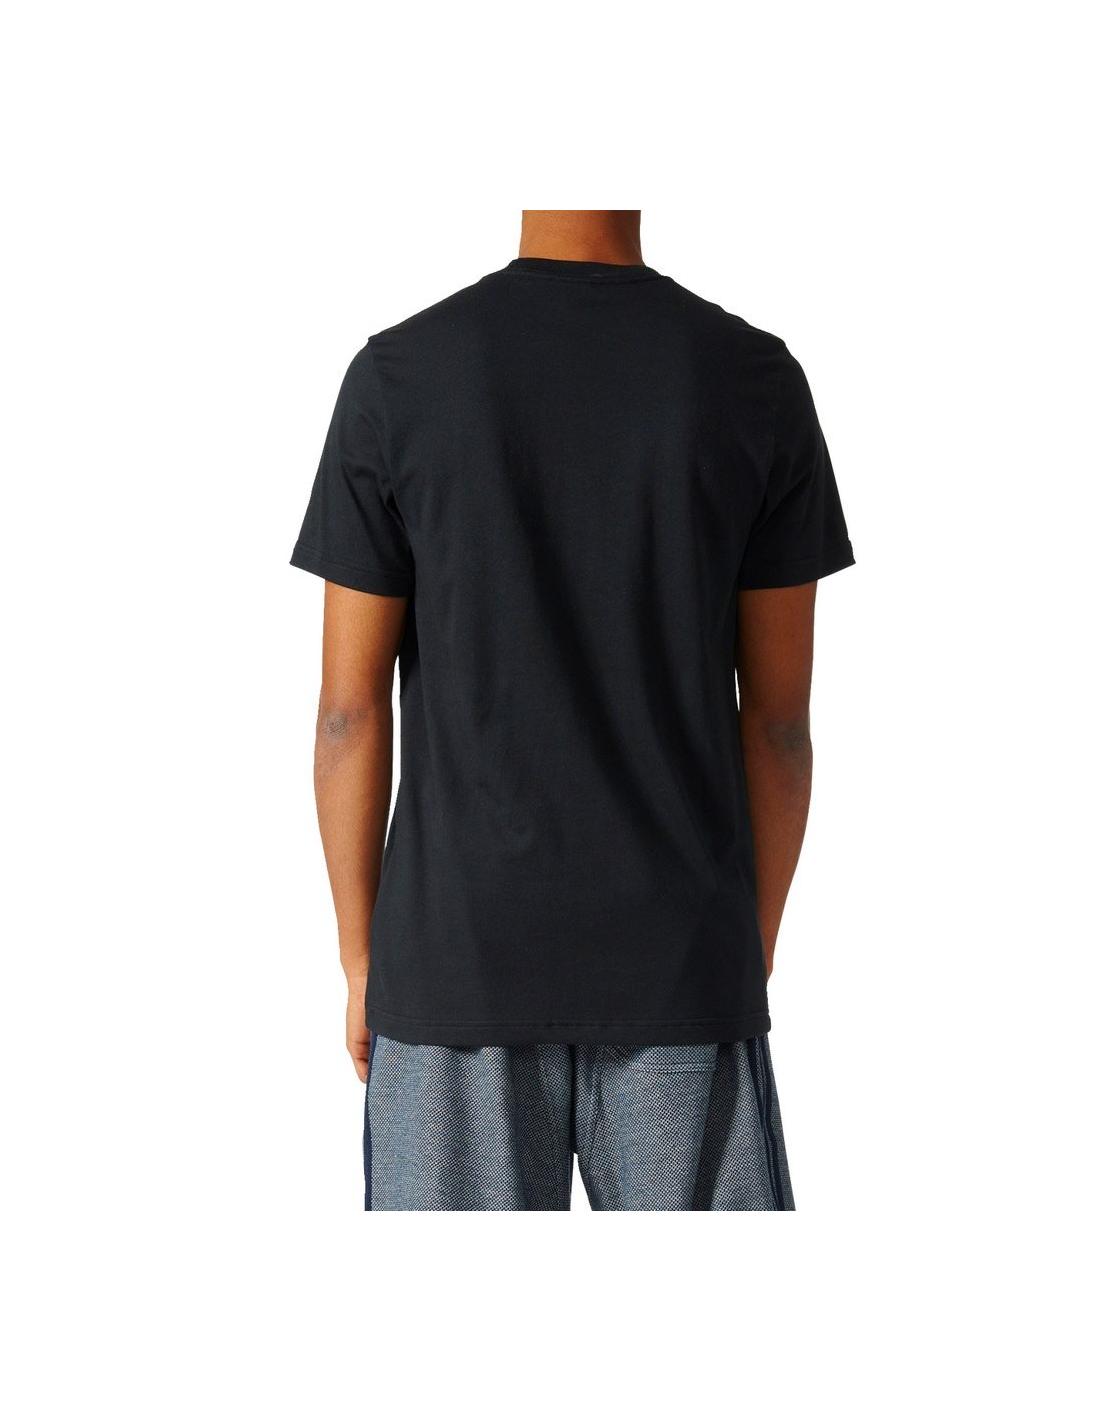 8561ca16ad31 Adidas Originals Mens Trefoil T-Shirt Black BQ3074